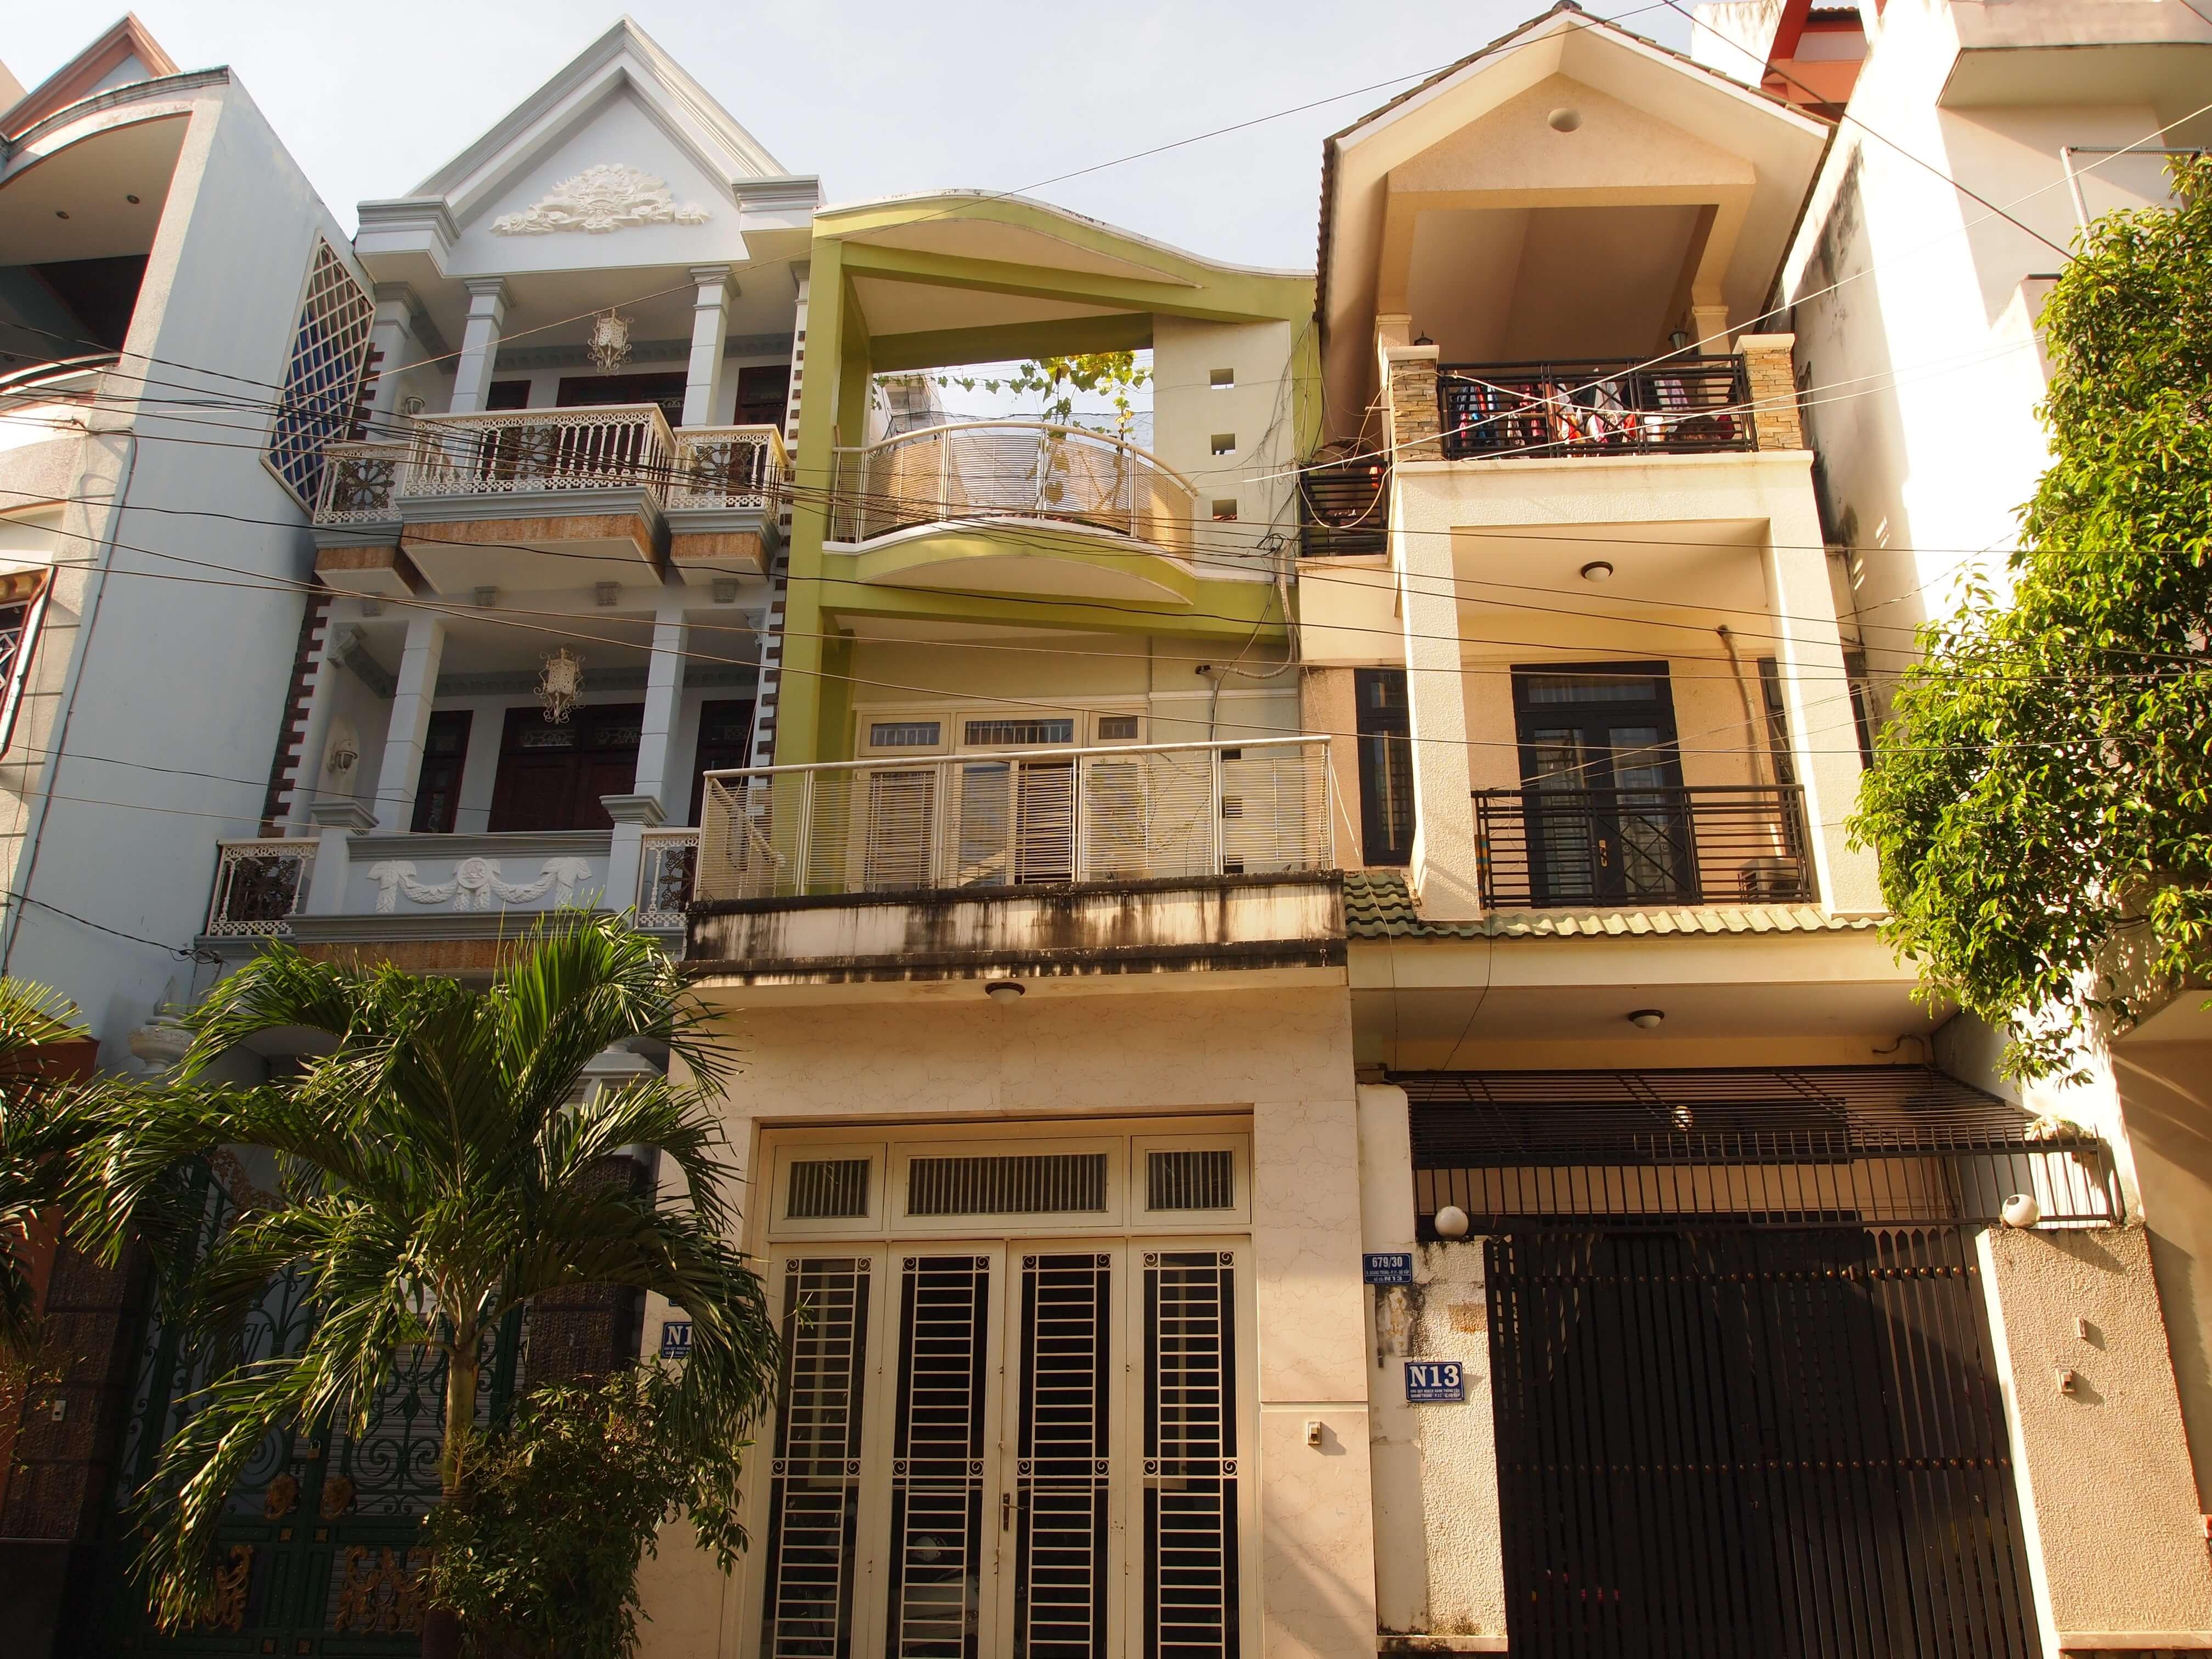 Domy przy dość zamożnej ulicy w Sajgonie